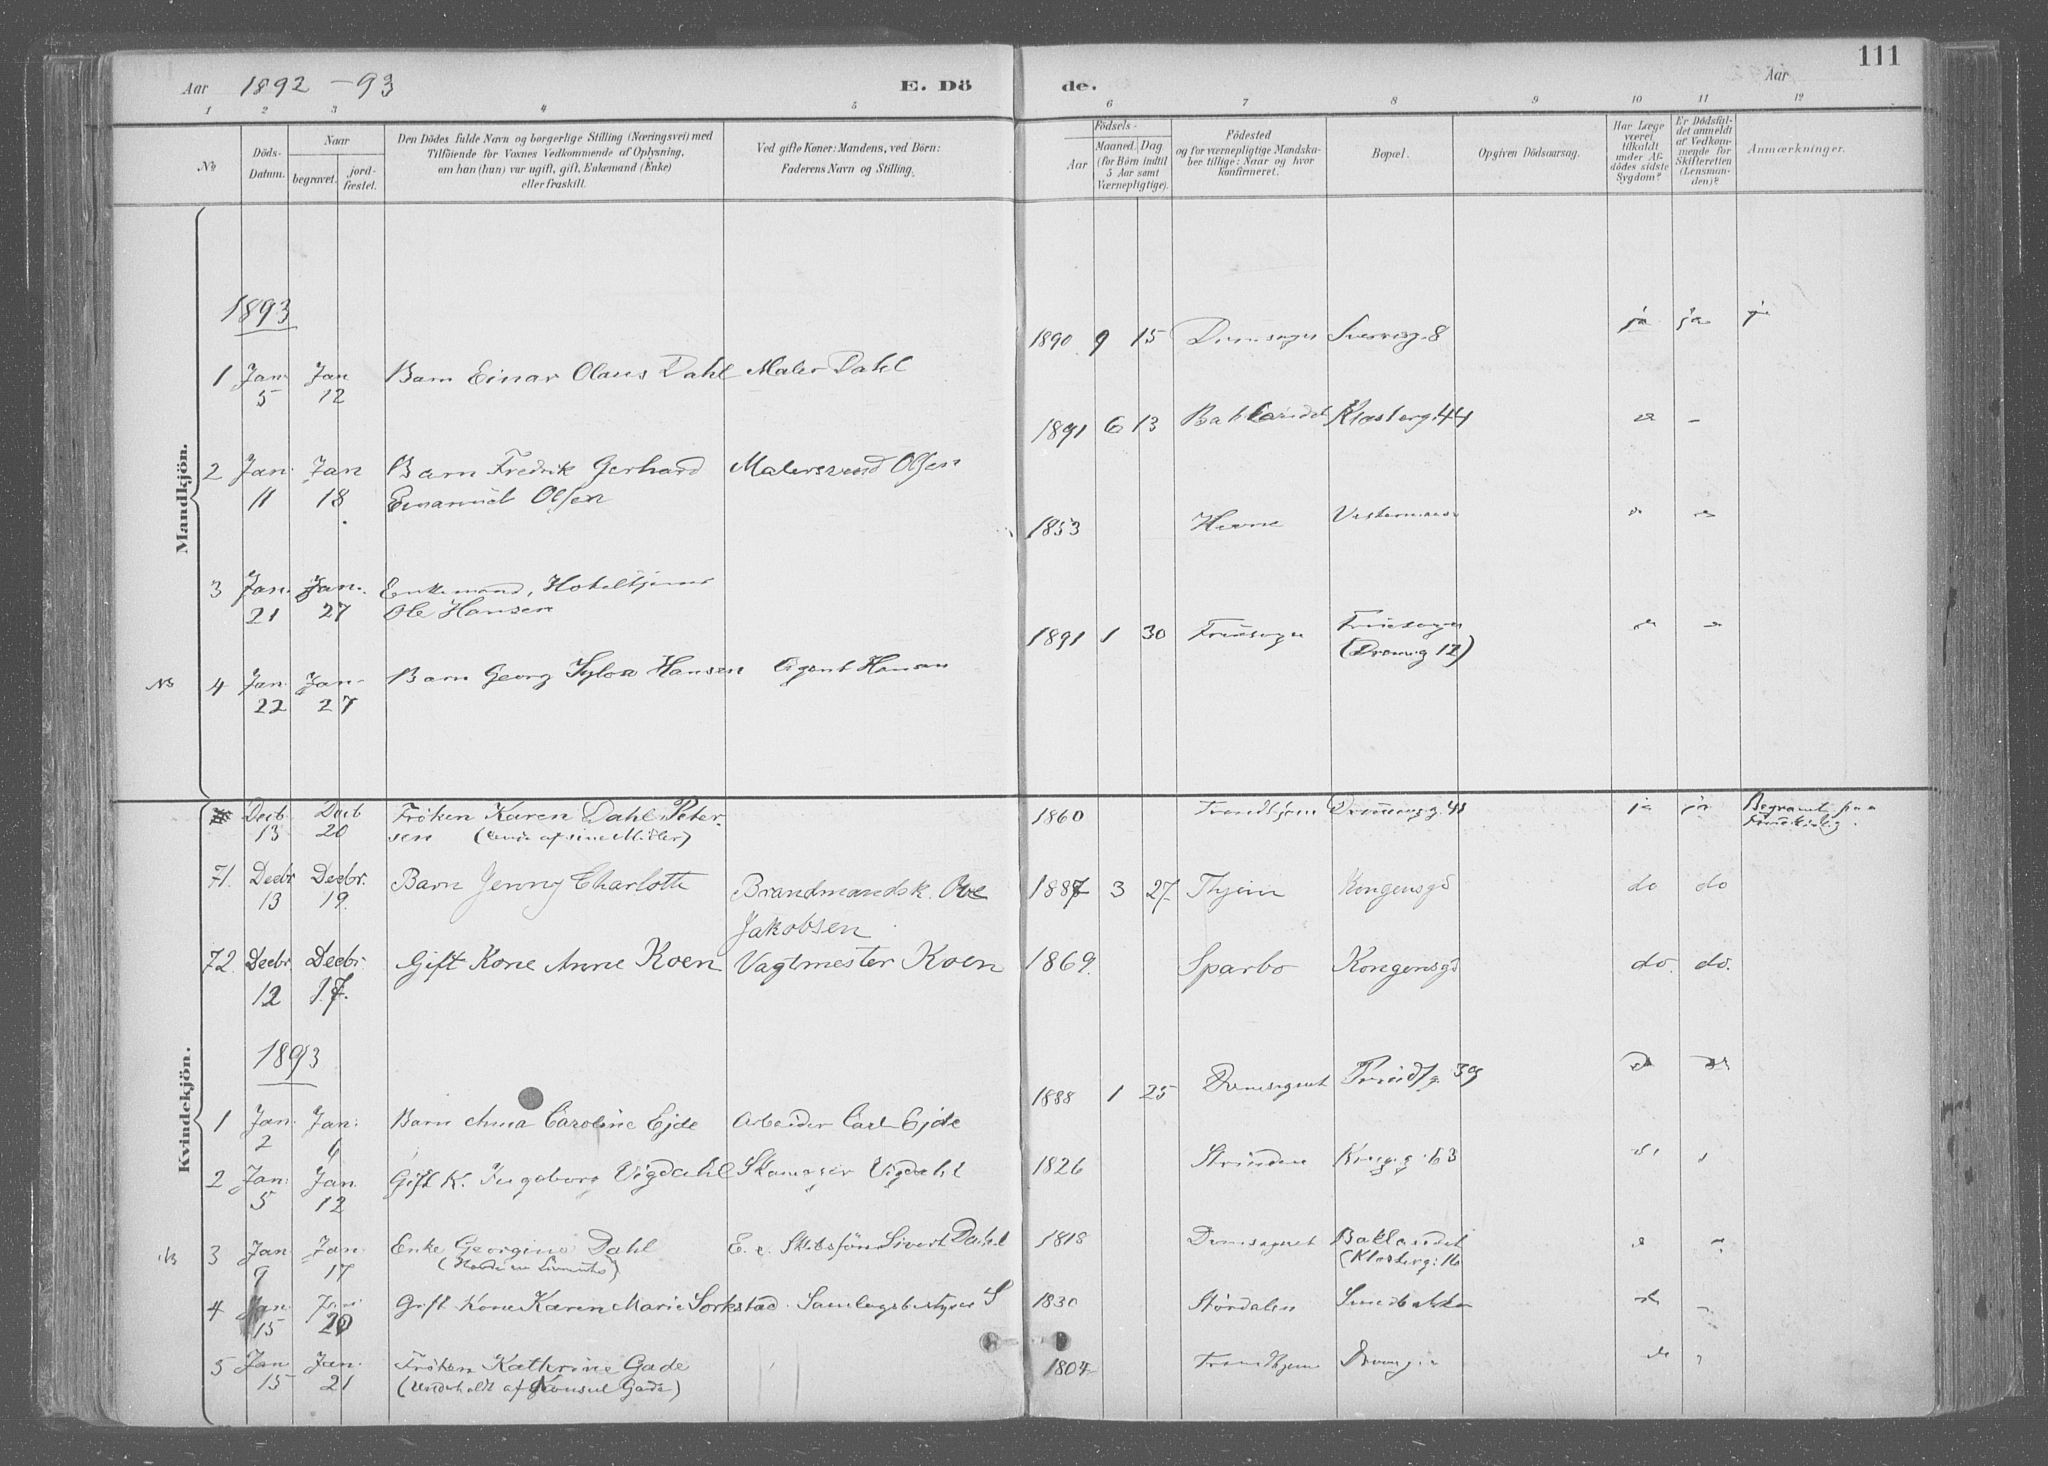 SAT, Ministerialprotokoller, klokkerbøker og fødselsregistre - Sør-Trøndelag, 601/L0064: Ministerialbok nr. 601A31, 1891-1911, s. 111